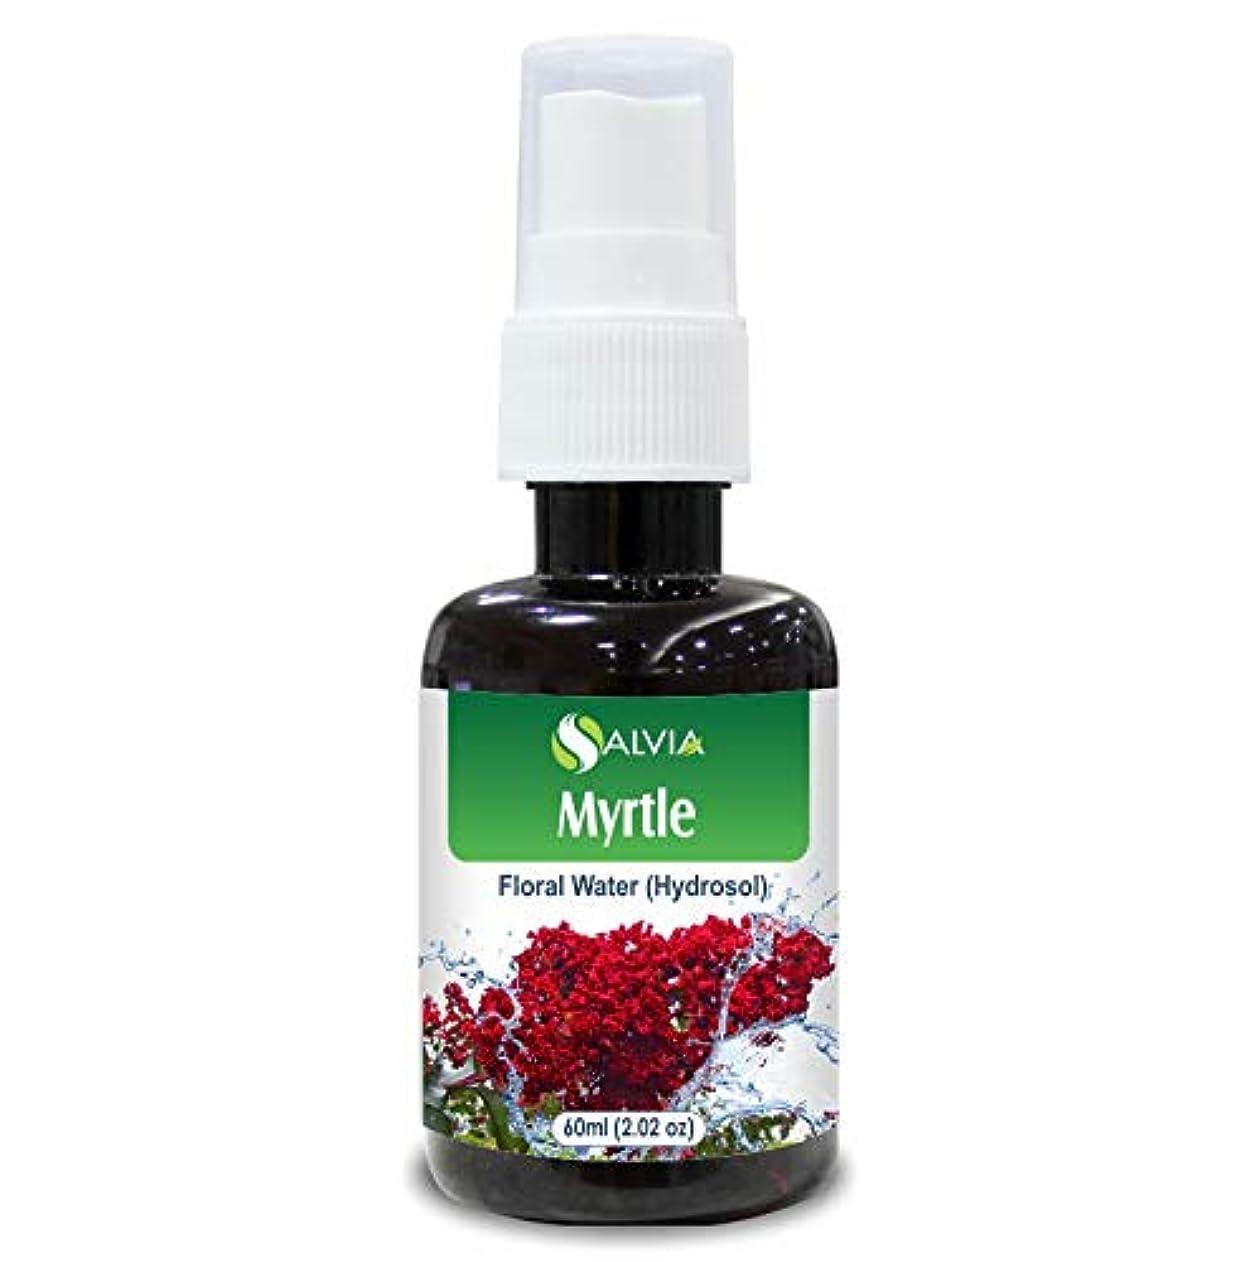 成功するまたは繊細Myrtle Floral Water 60ml (Hydrosol) 100% Pure And Natural